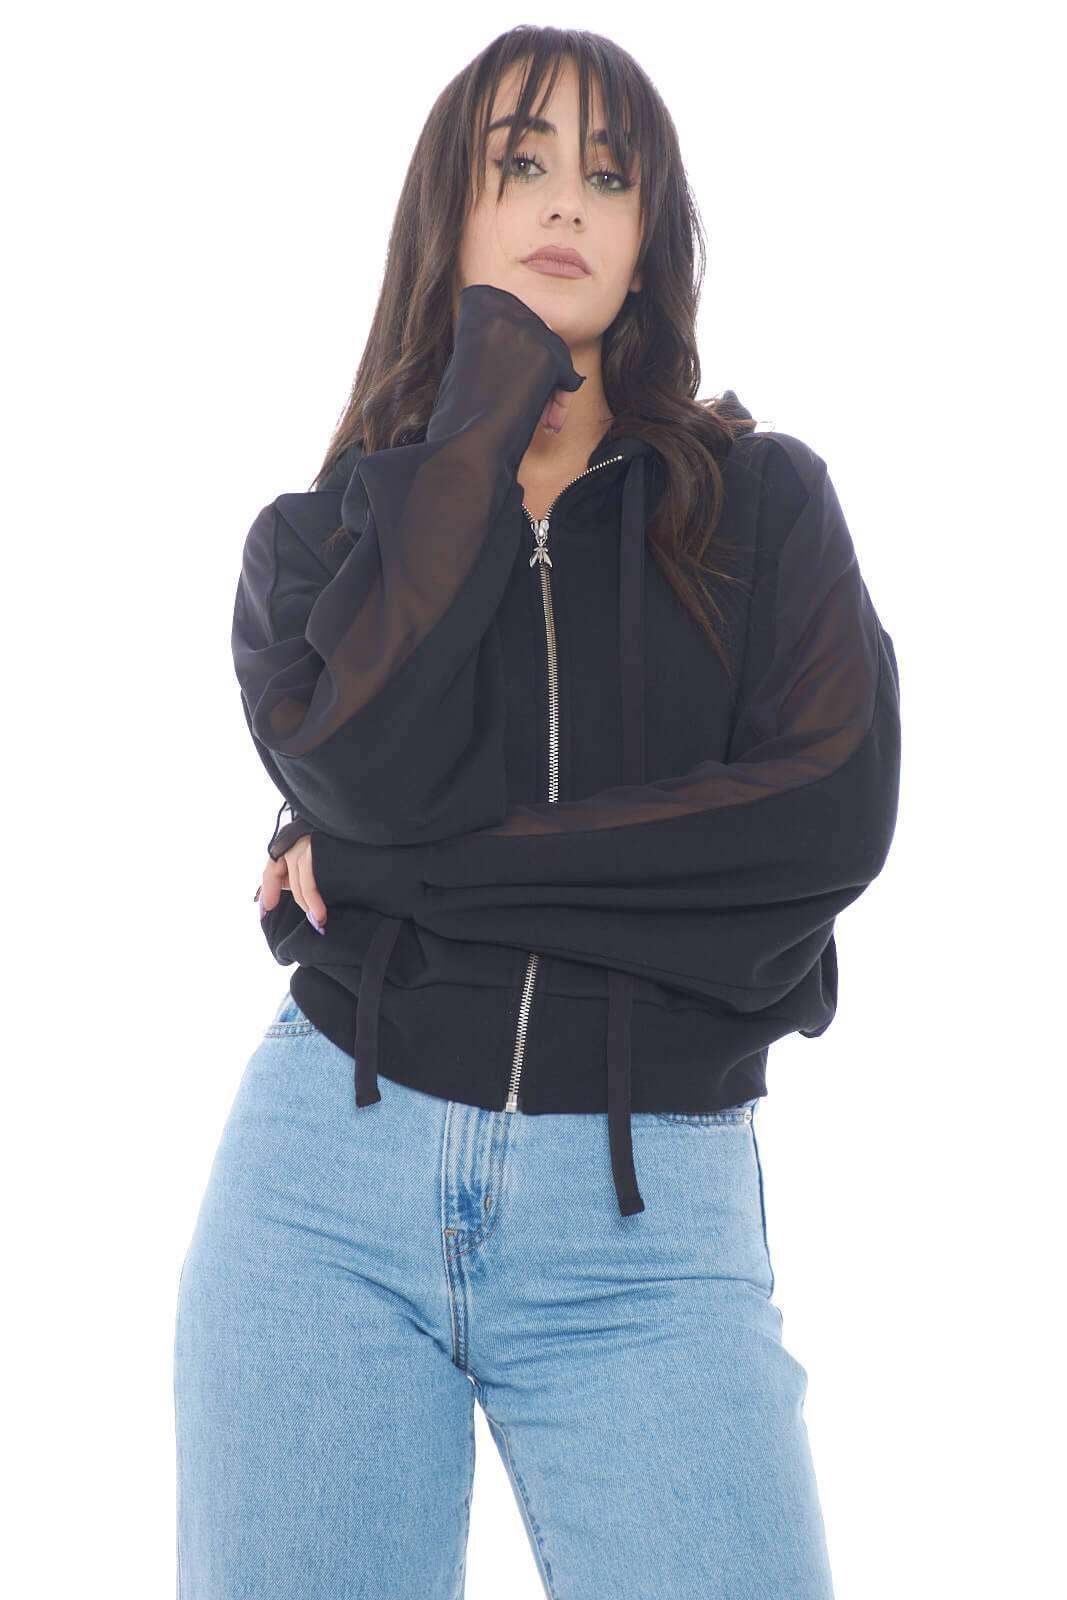 Una felpa chic e alla moda, presentata da Patrizia Pepe. Le stripes laterali regalano un look femminile e fashion, ad una felpa che con la sua semplicità conquisterà un posto di fiducia nel tuo guardaroba. Il logo lettering in strass sul cappuccio poi, è un dettaglio unico e ricercato.  La modella è alta 1,78m e indossa la taglia 1.